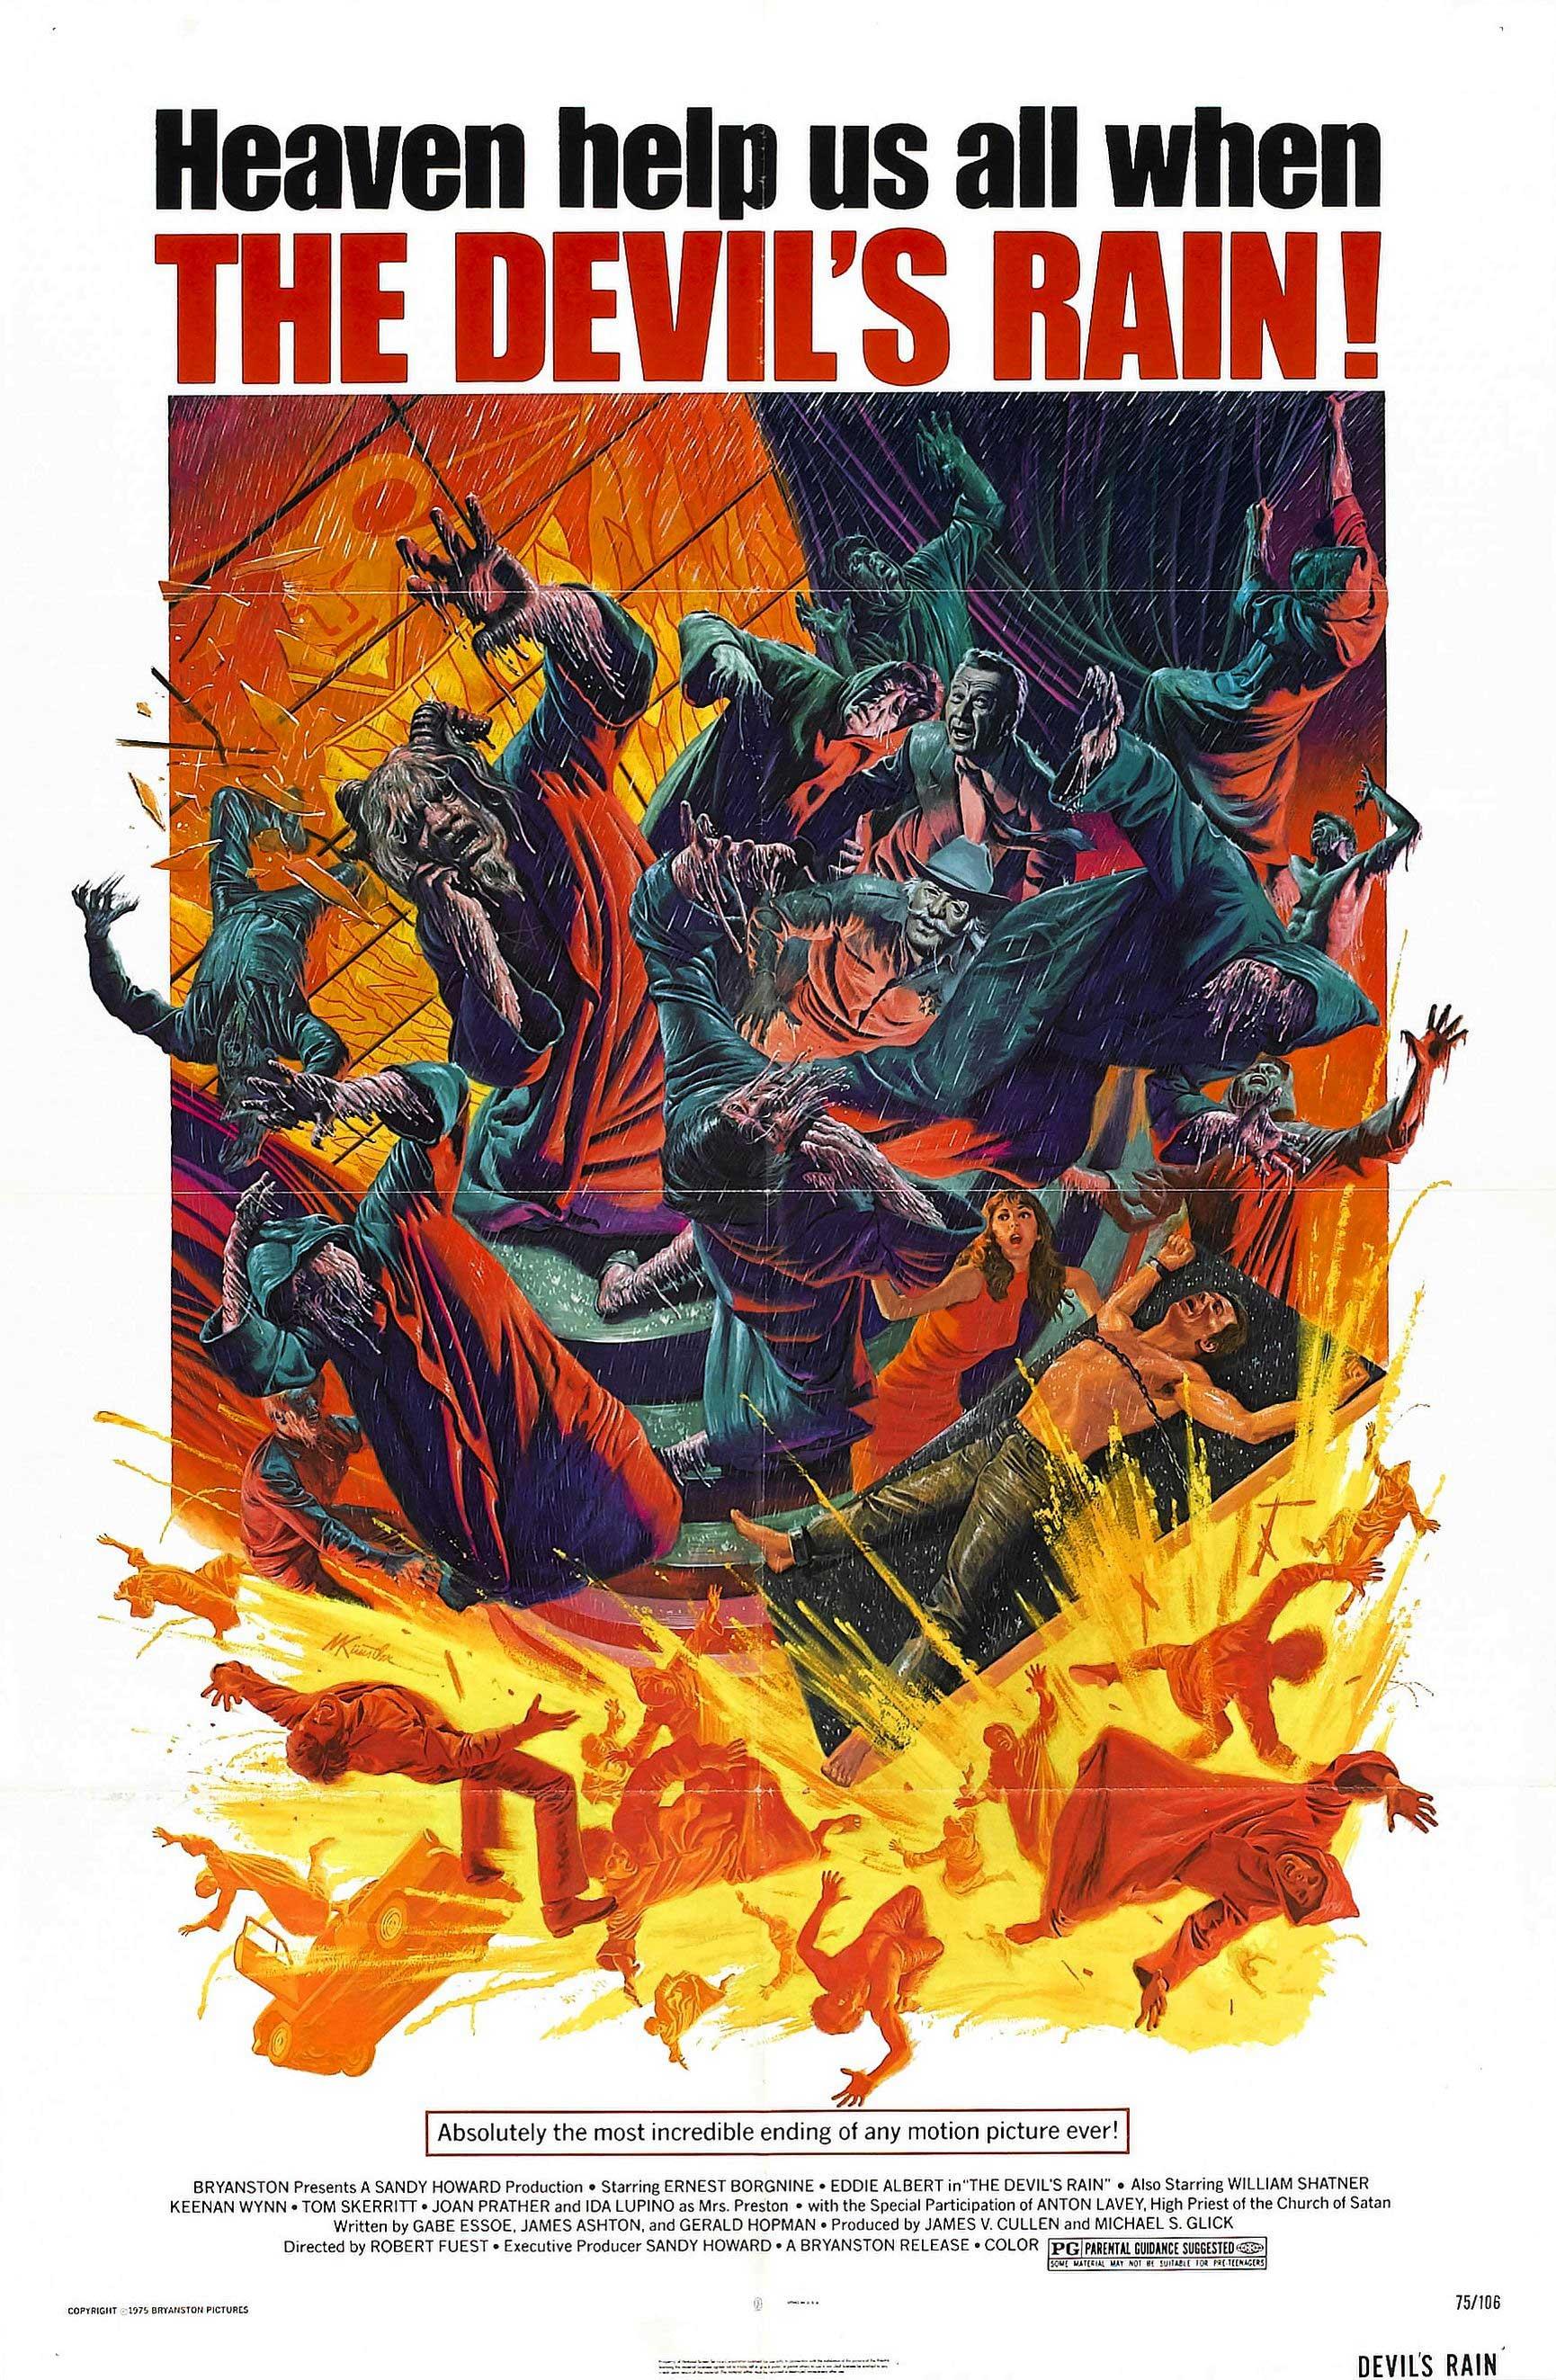 Devils-Rain-poster-1.jpg